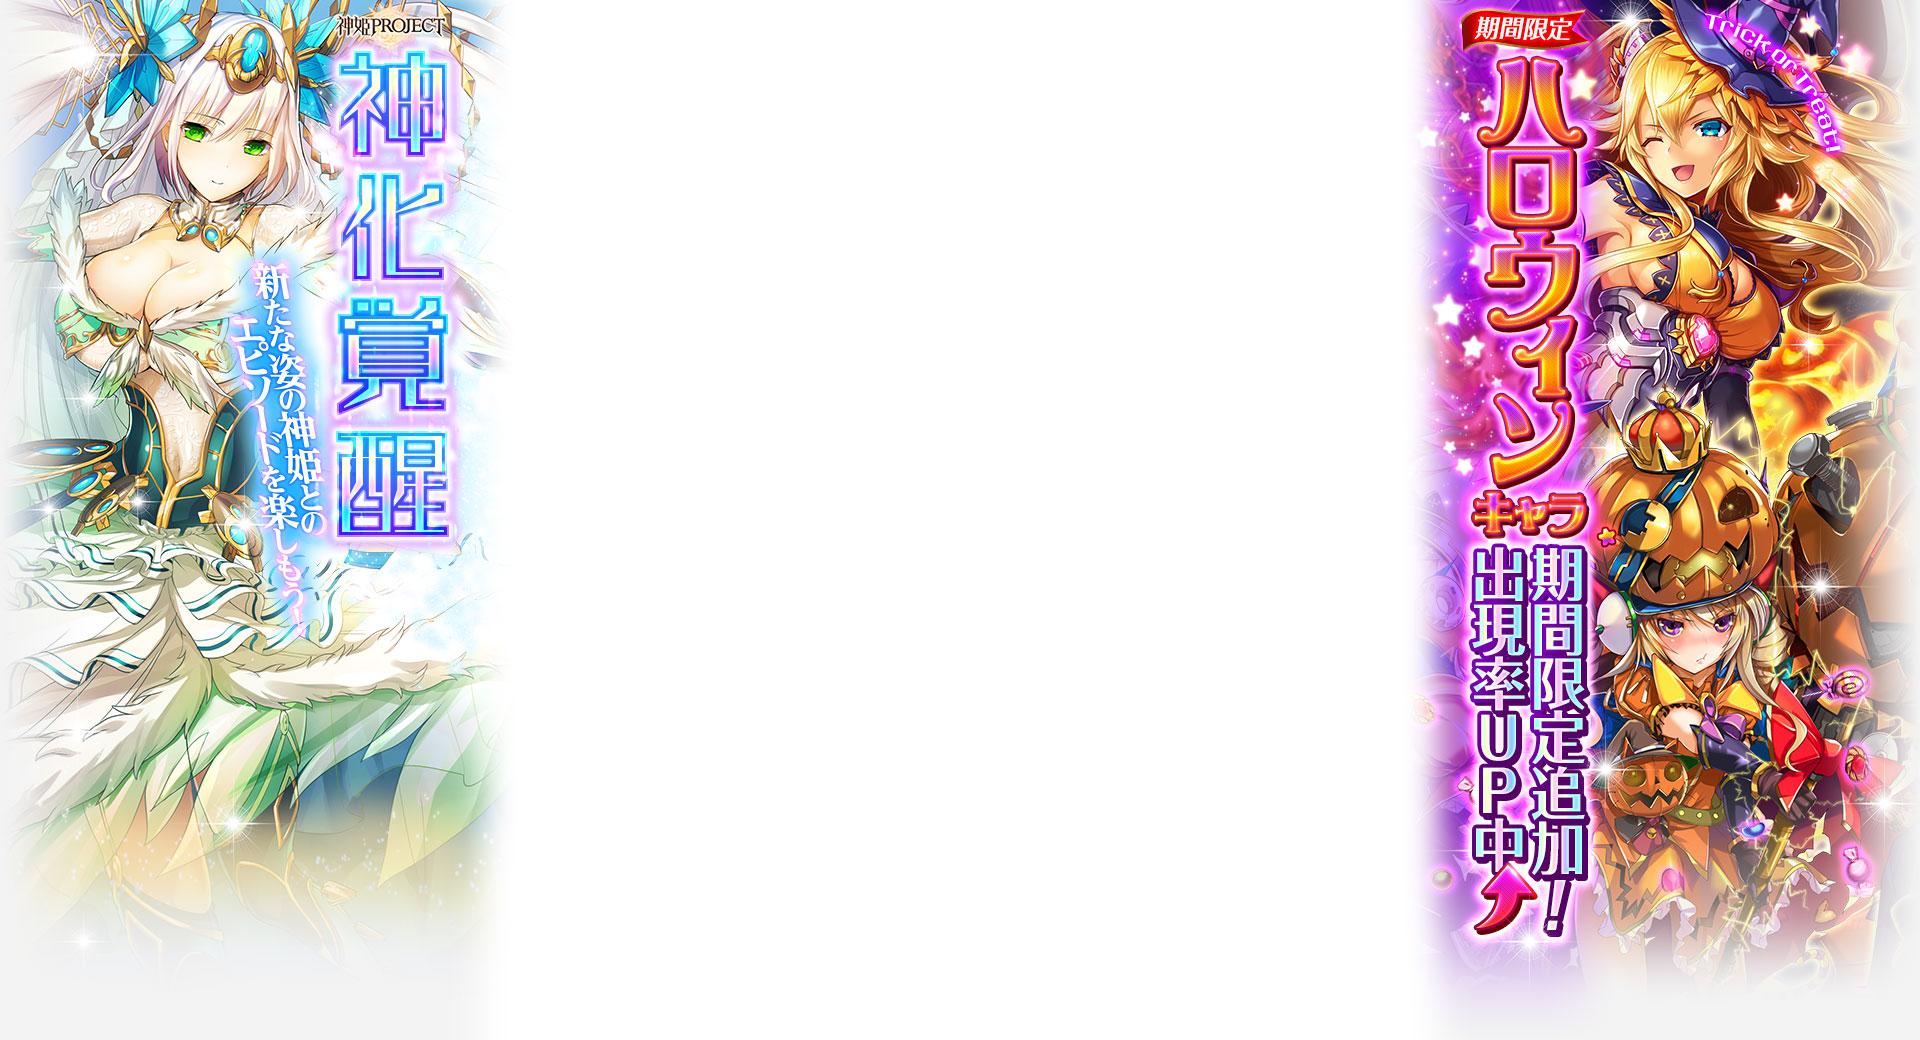 かんぱに☆ガールズ 3599社目 [無断転載禁止]©2ch.netYouTube動画>4本 ->画像>140枚